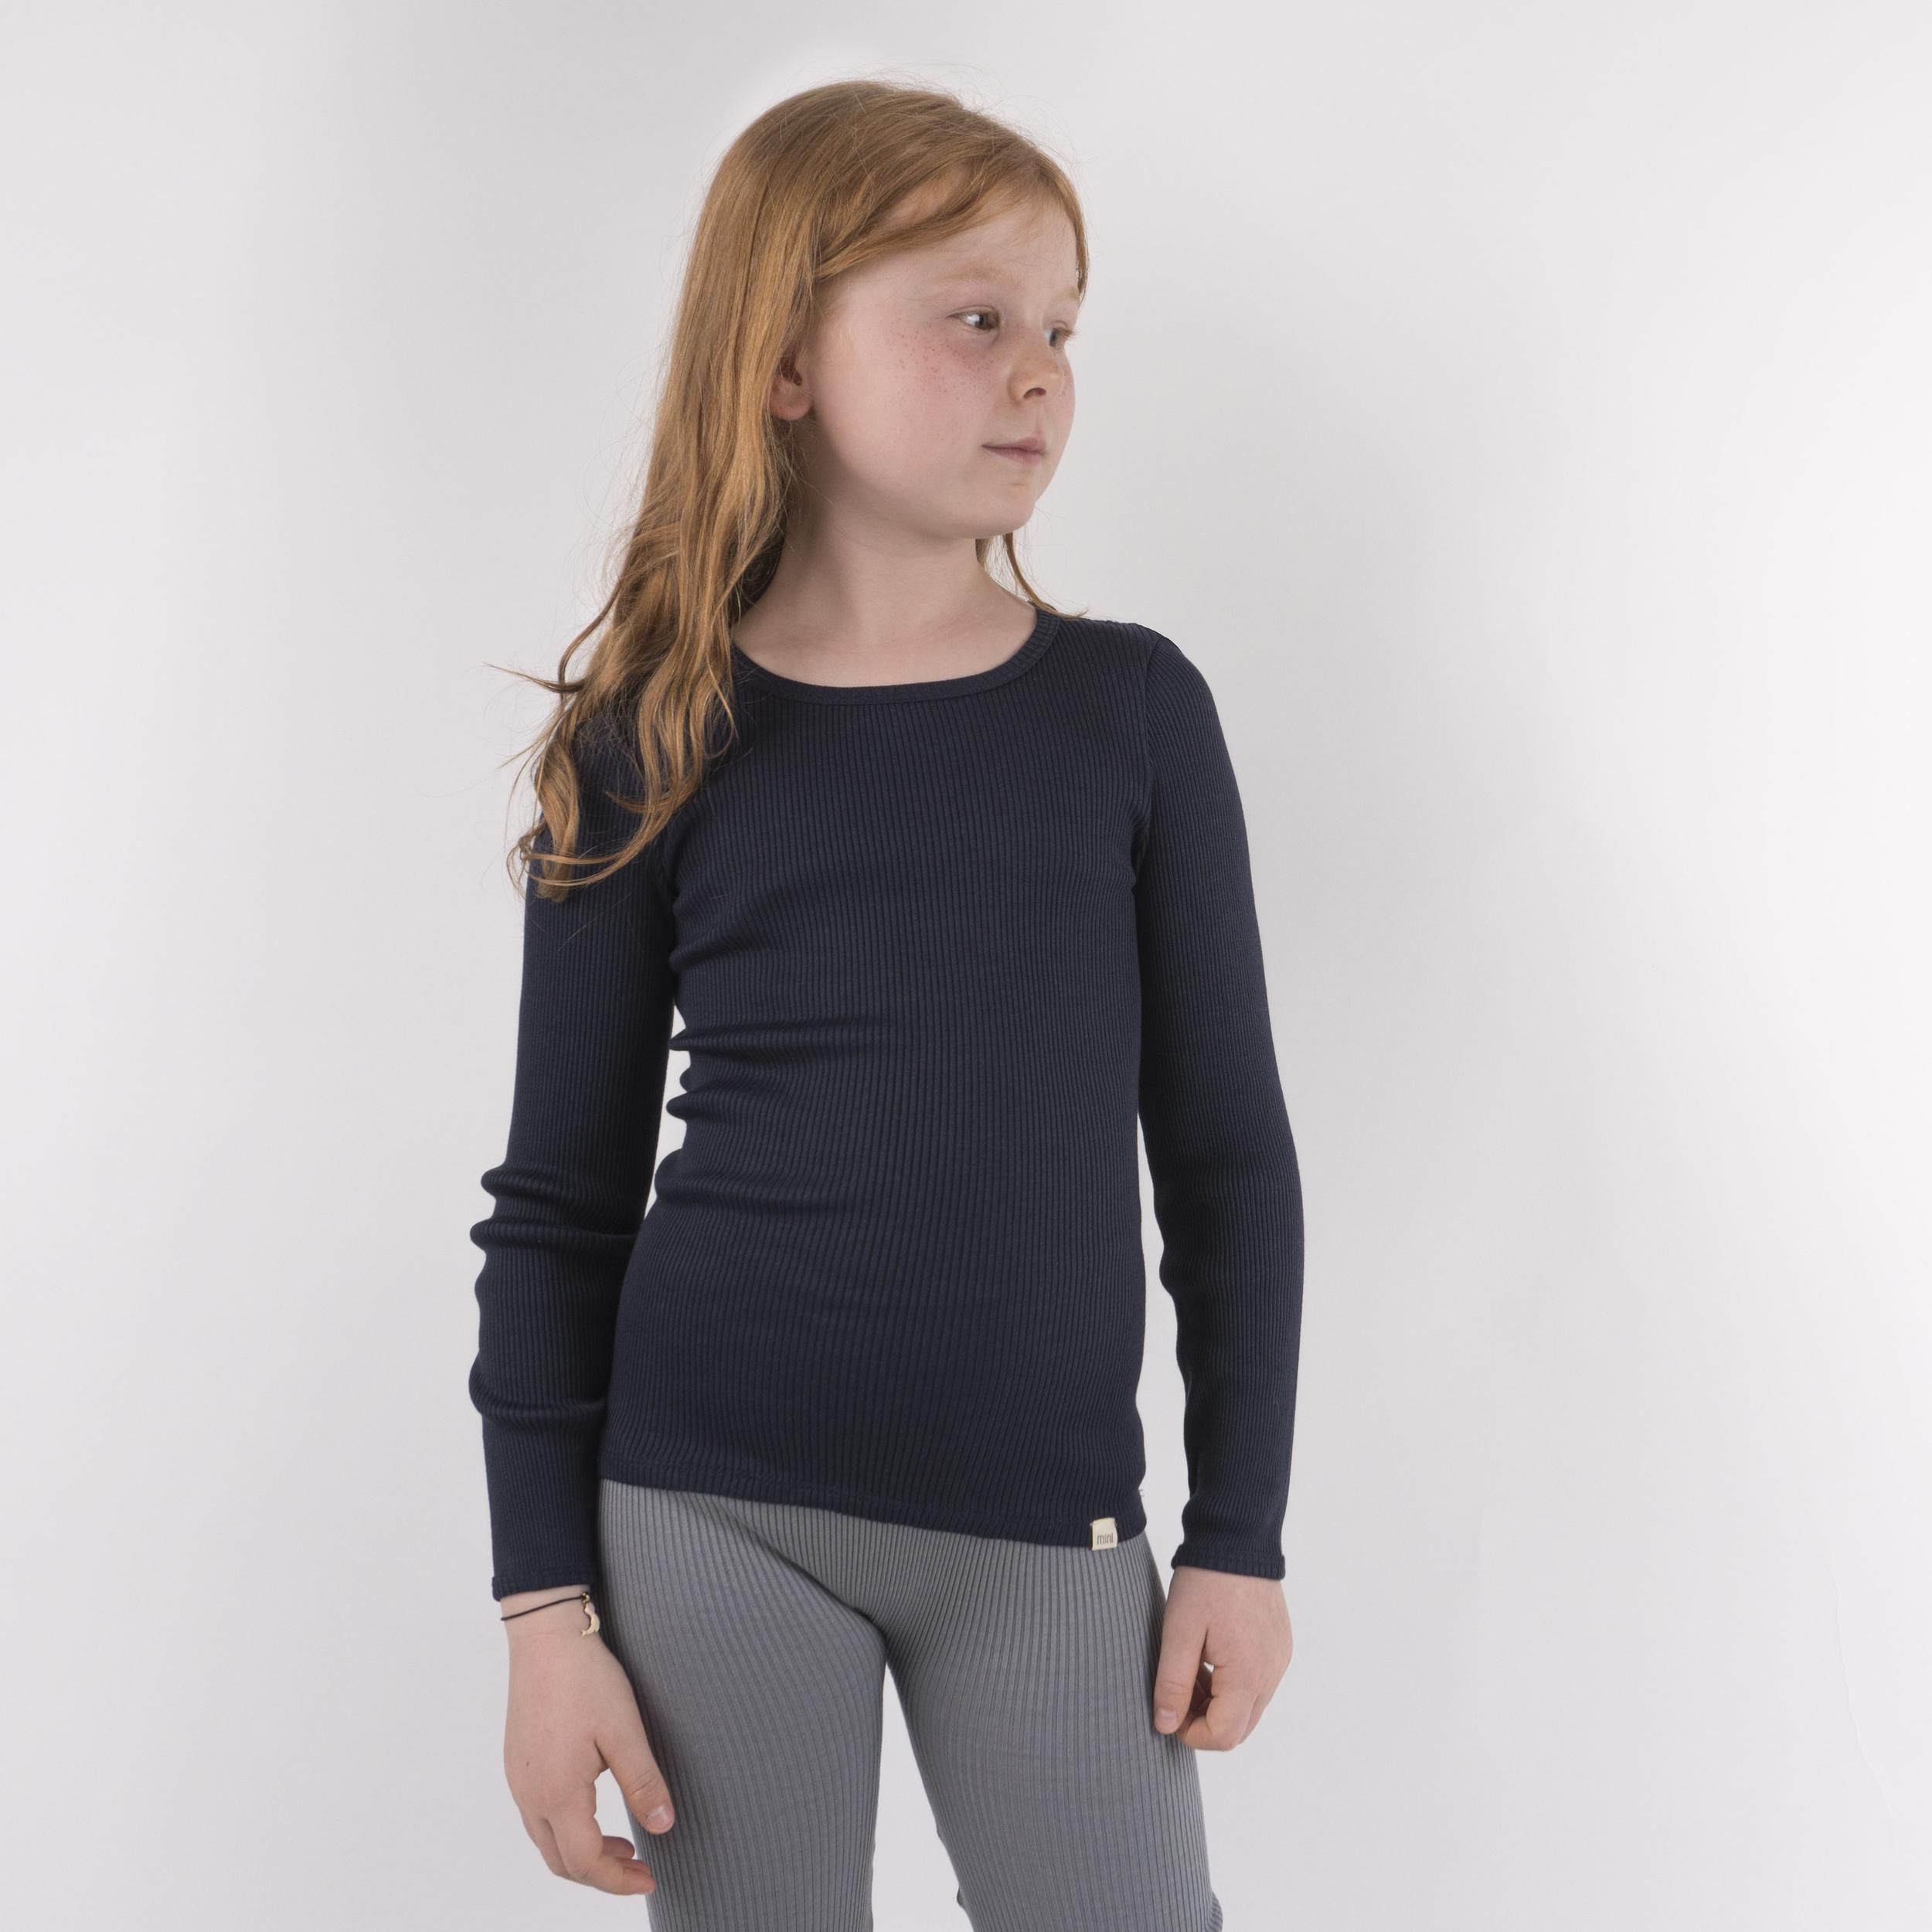 MINIMALISMA - T-shirt enfant - Soie 70% /coton 30% - Bergen -Bleu